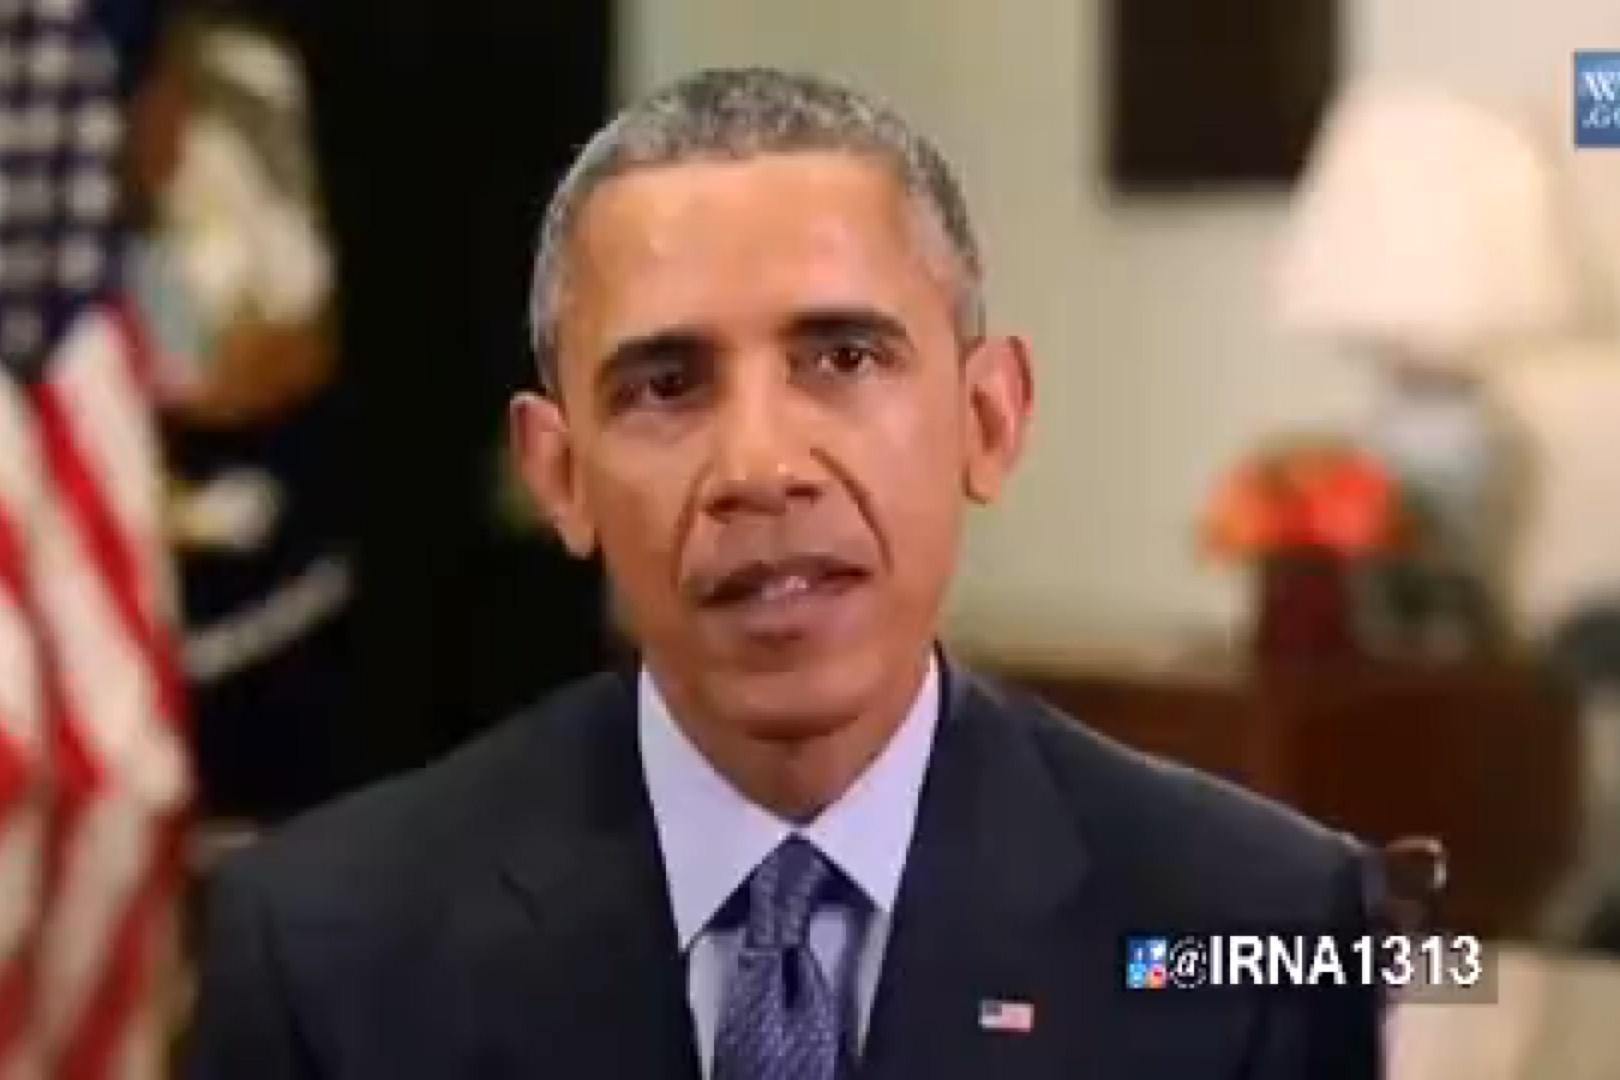 فیلم | رئیس جمهورهای سابق آمریکا به خلیج فارس چه میگفتند؟